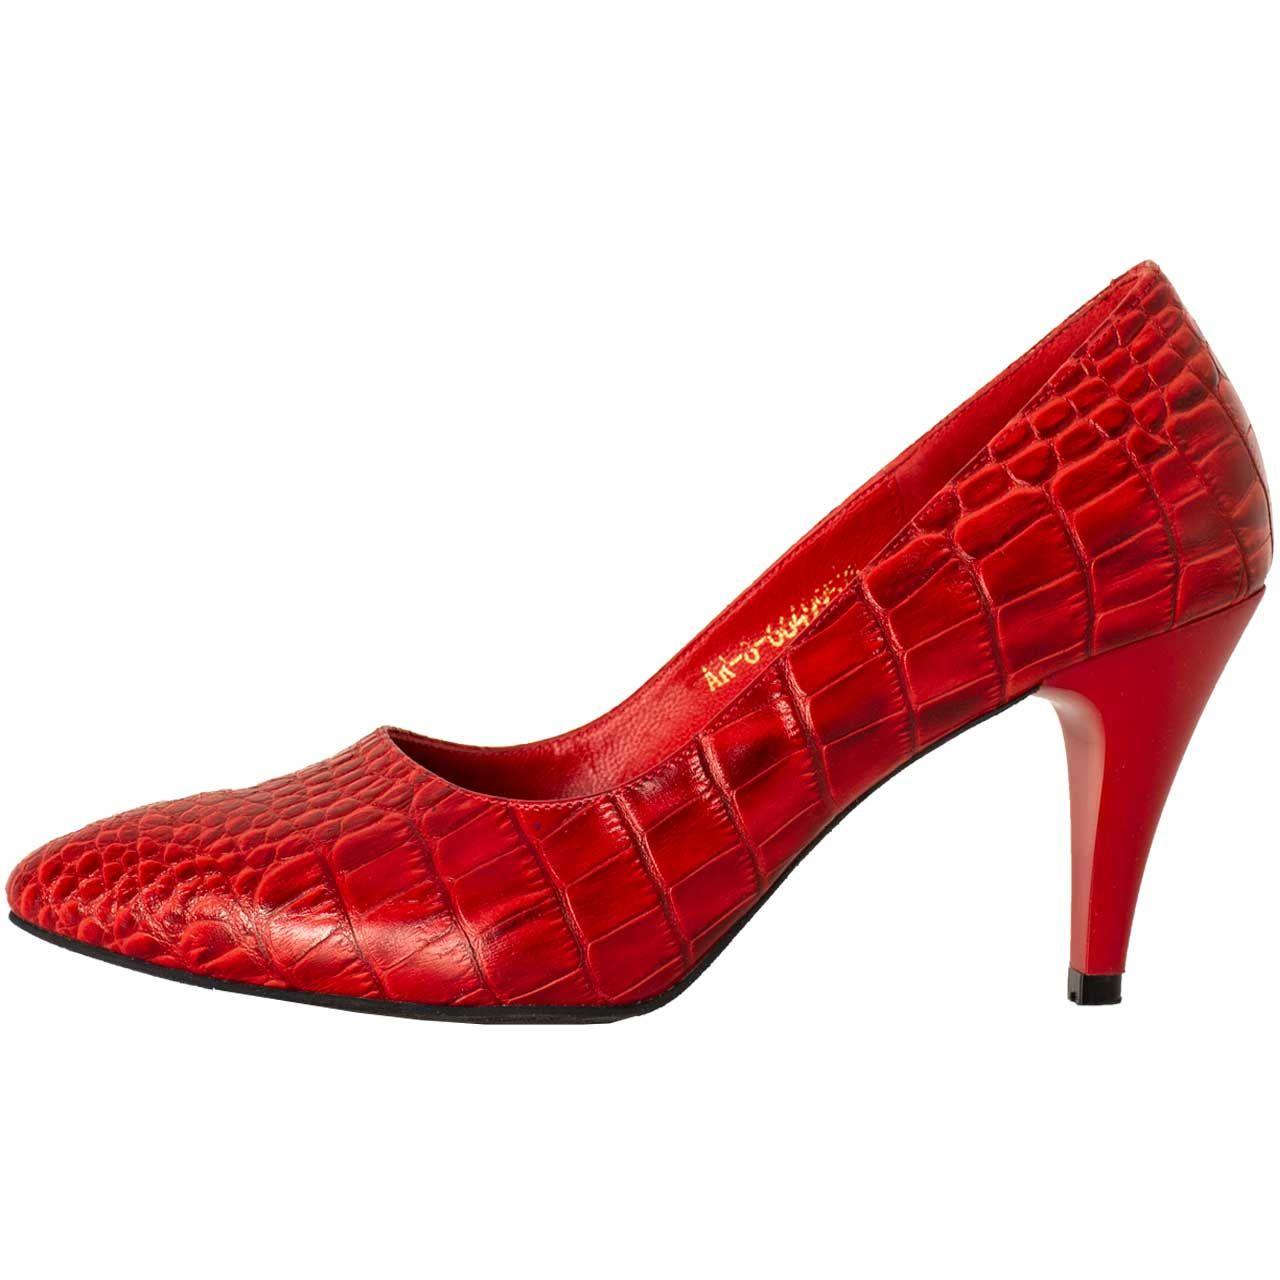 کفش زنانه پارینه چرم مدل SHOW43-2